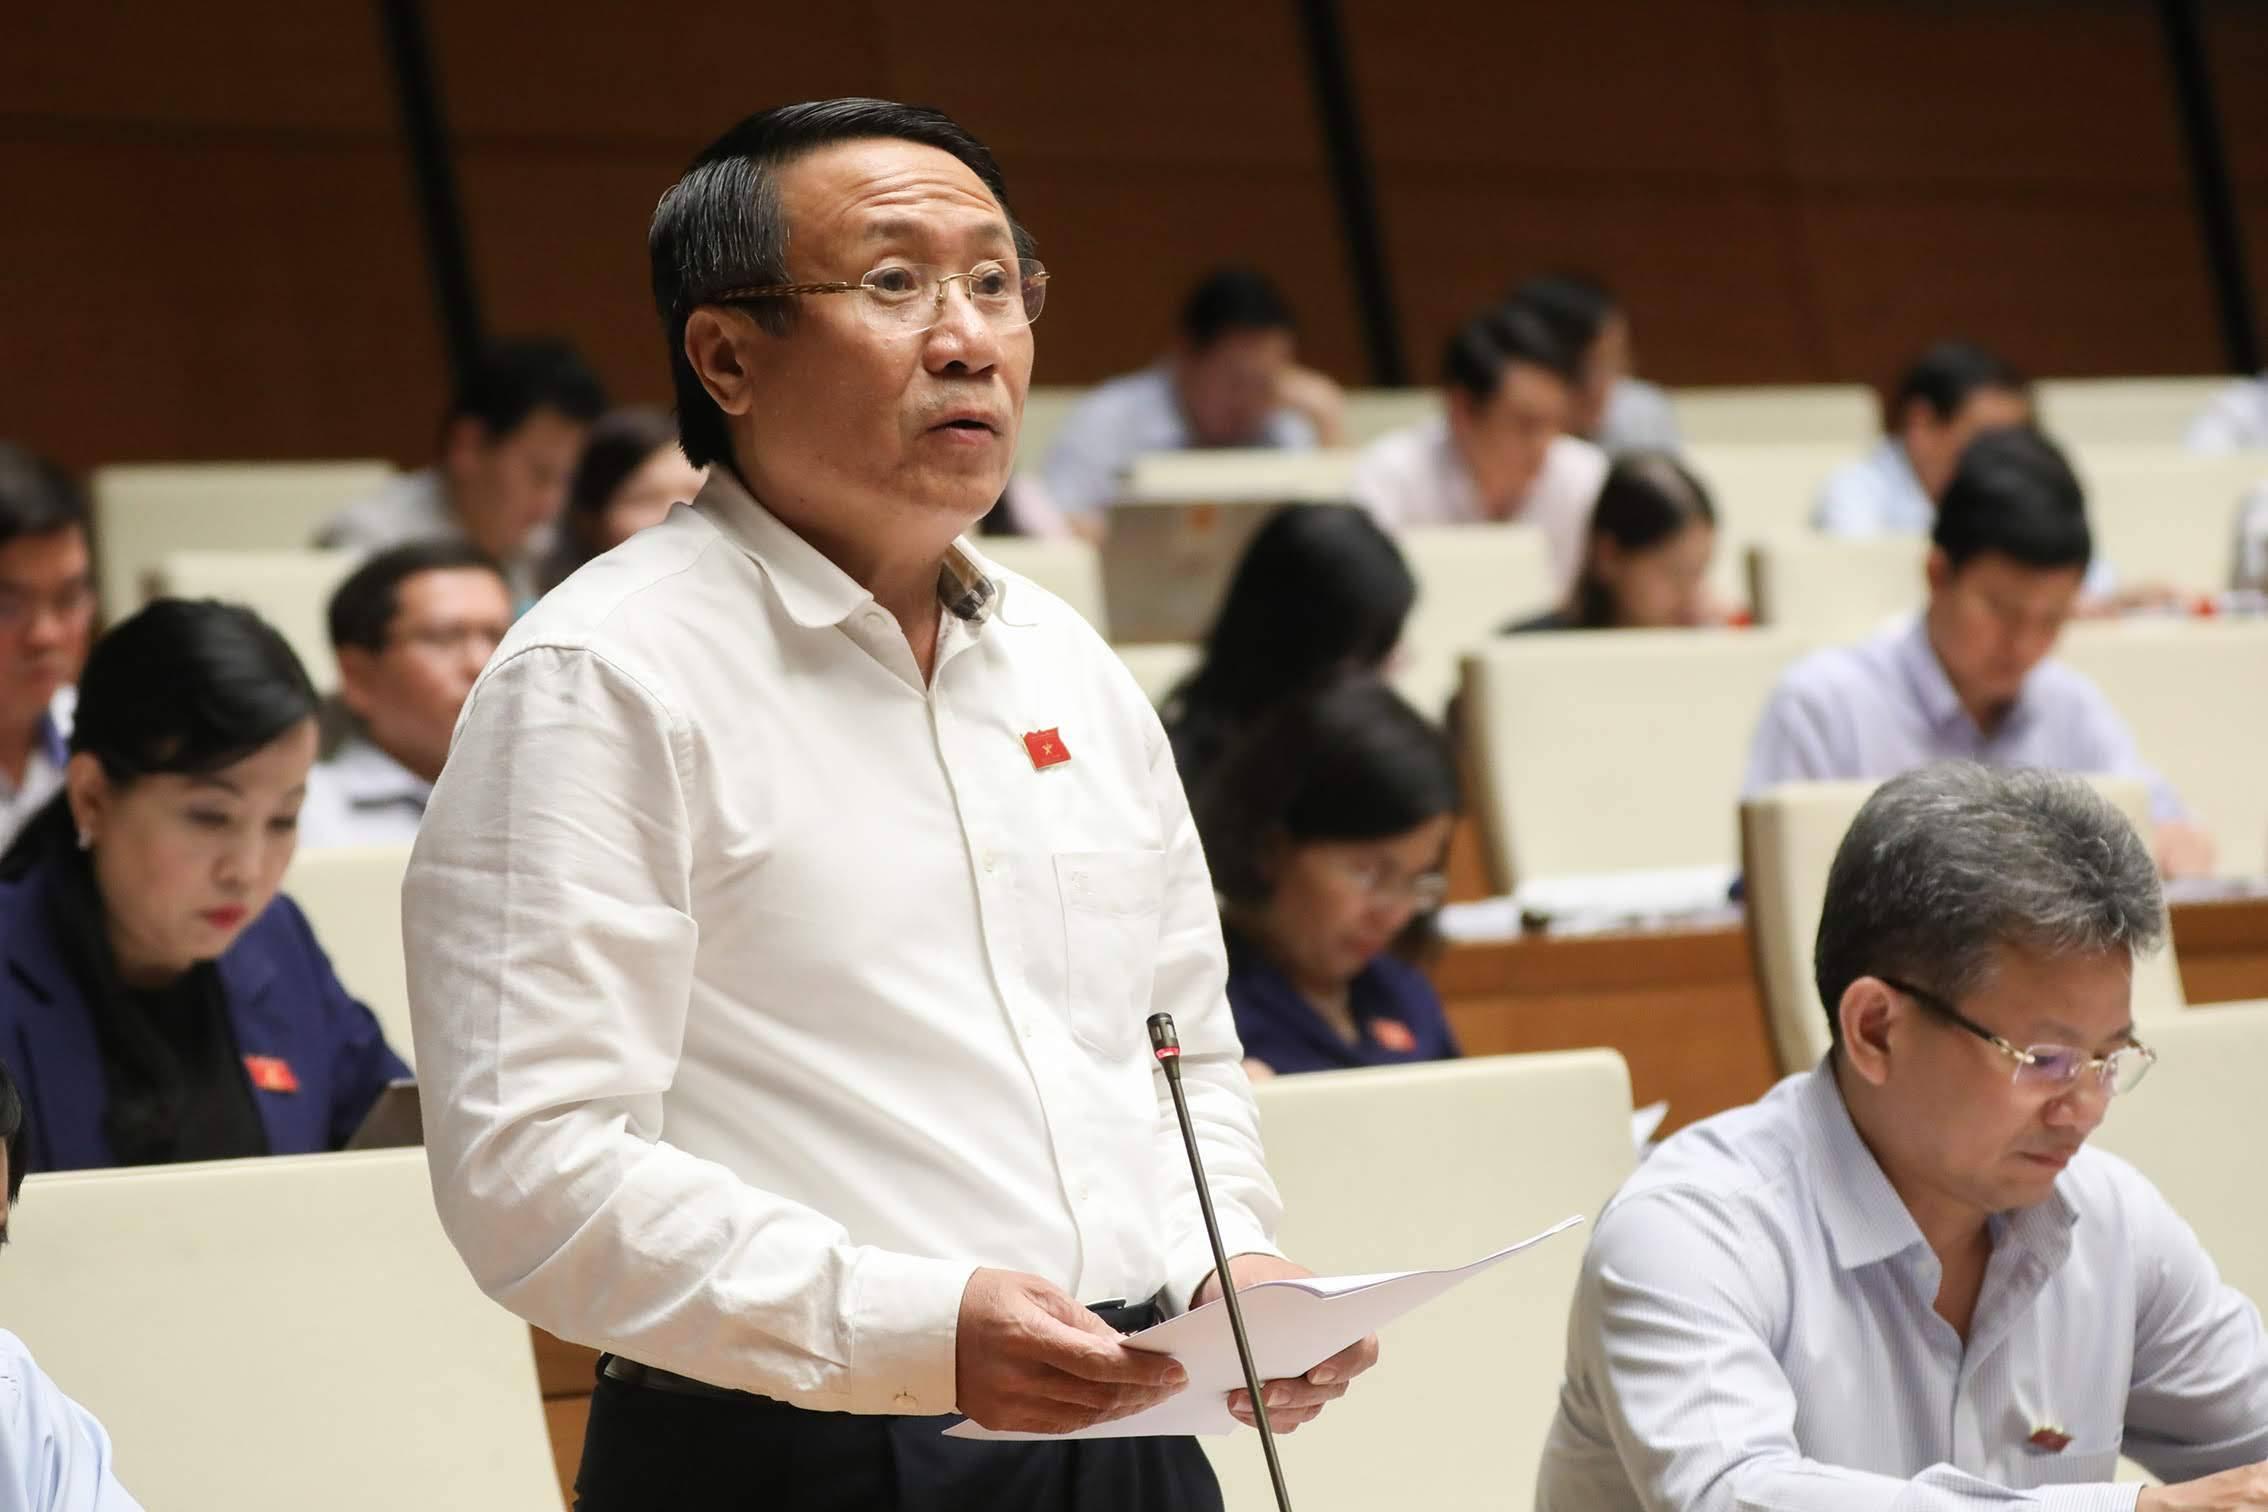 ĐB Hà Sỹ Đồng: Tránh lợi dụng kẽ hở chính sách tạo lợi ích nhóm